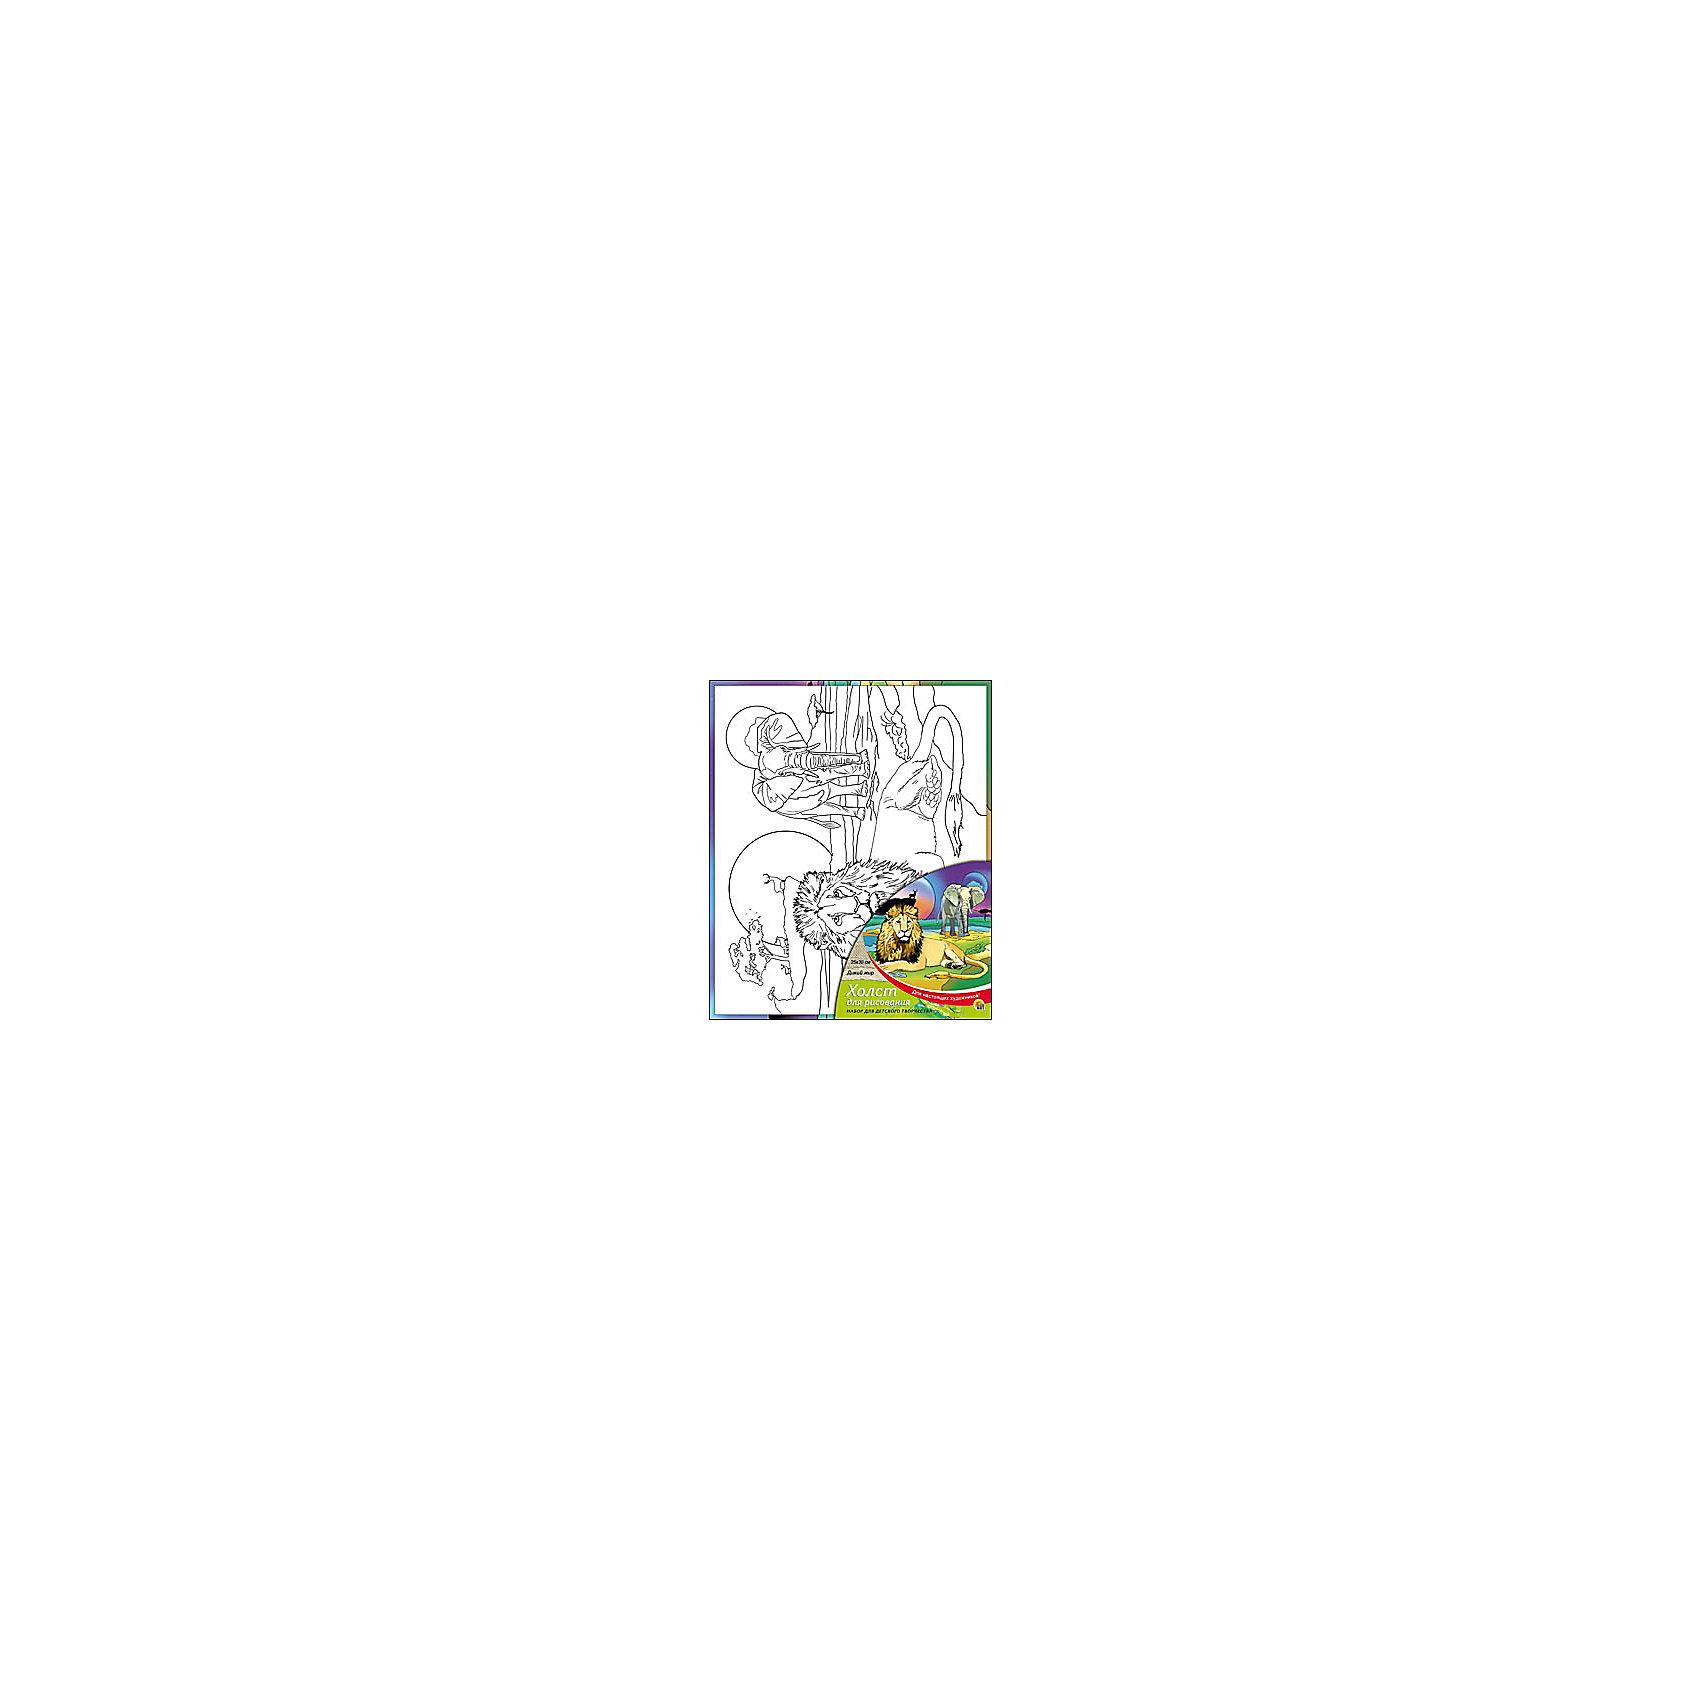 Холст с красками Дикий мир, 25х30 смРисование<br>Холст с красками Дикий мир поможет ребенку провести время с пользой и развить художественные навыки. Яркими красками он с удовольствием раскрасит эскиз на холсте и с гордостью сможет похвастаться родителям и друзьям!<br><br>Дополнительная информация:<br>В наборе: холст-эскиз, 7 акриловых красок, кисточка<br>Размер: 25х1,5х30 см<br>Вес: 250 грамм<br>Вы можете приобрести холст с красками Дикий мир в нашем интернет-магазине.<br><br>Ширина мм: 300<br>Глубина мм: 15<br>Высота мм: 250<br>Вес г: 250<br>Возраст от месяцев: 36<br>Возраст до месяцев: 120<br>Пол: Унисекс<br>Возраст: Детский<br>SKU: 4939537